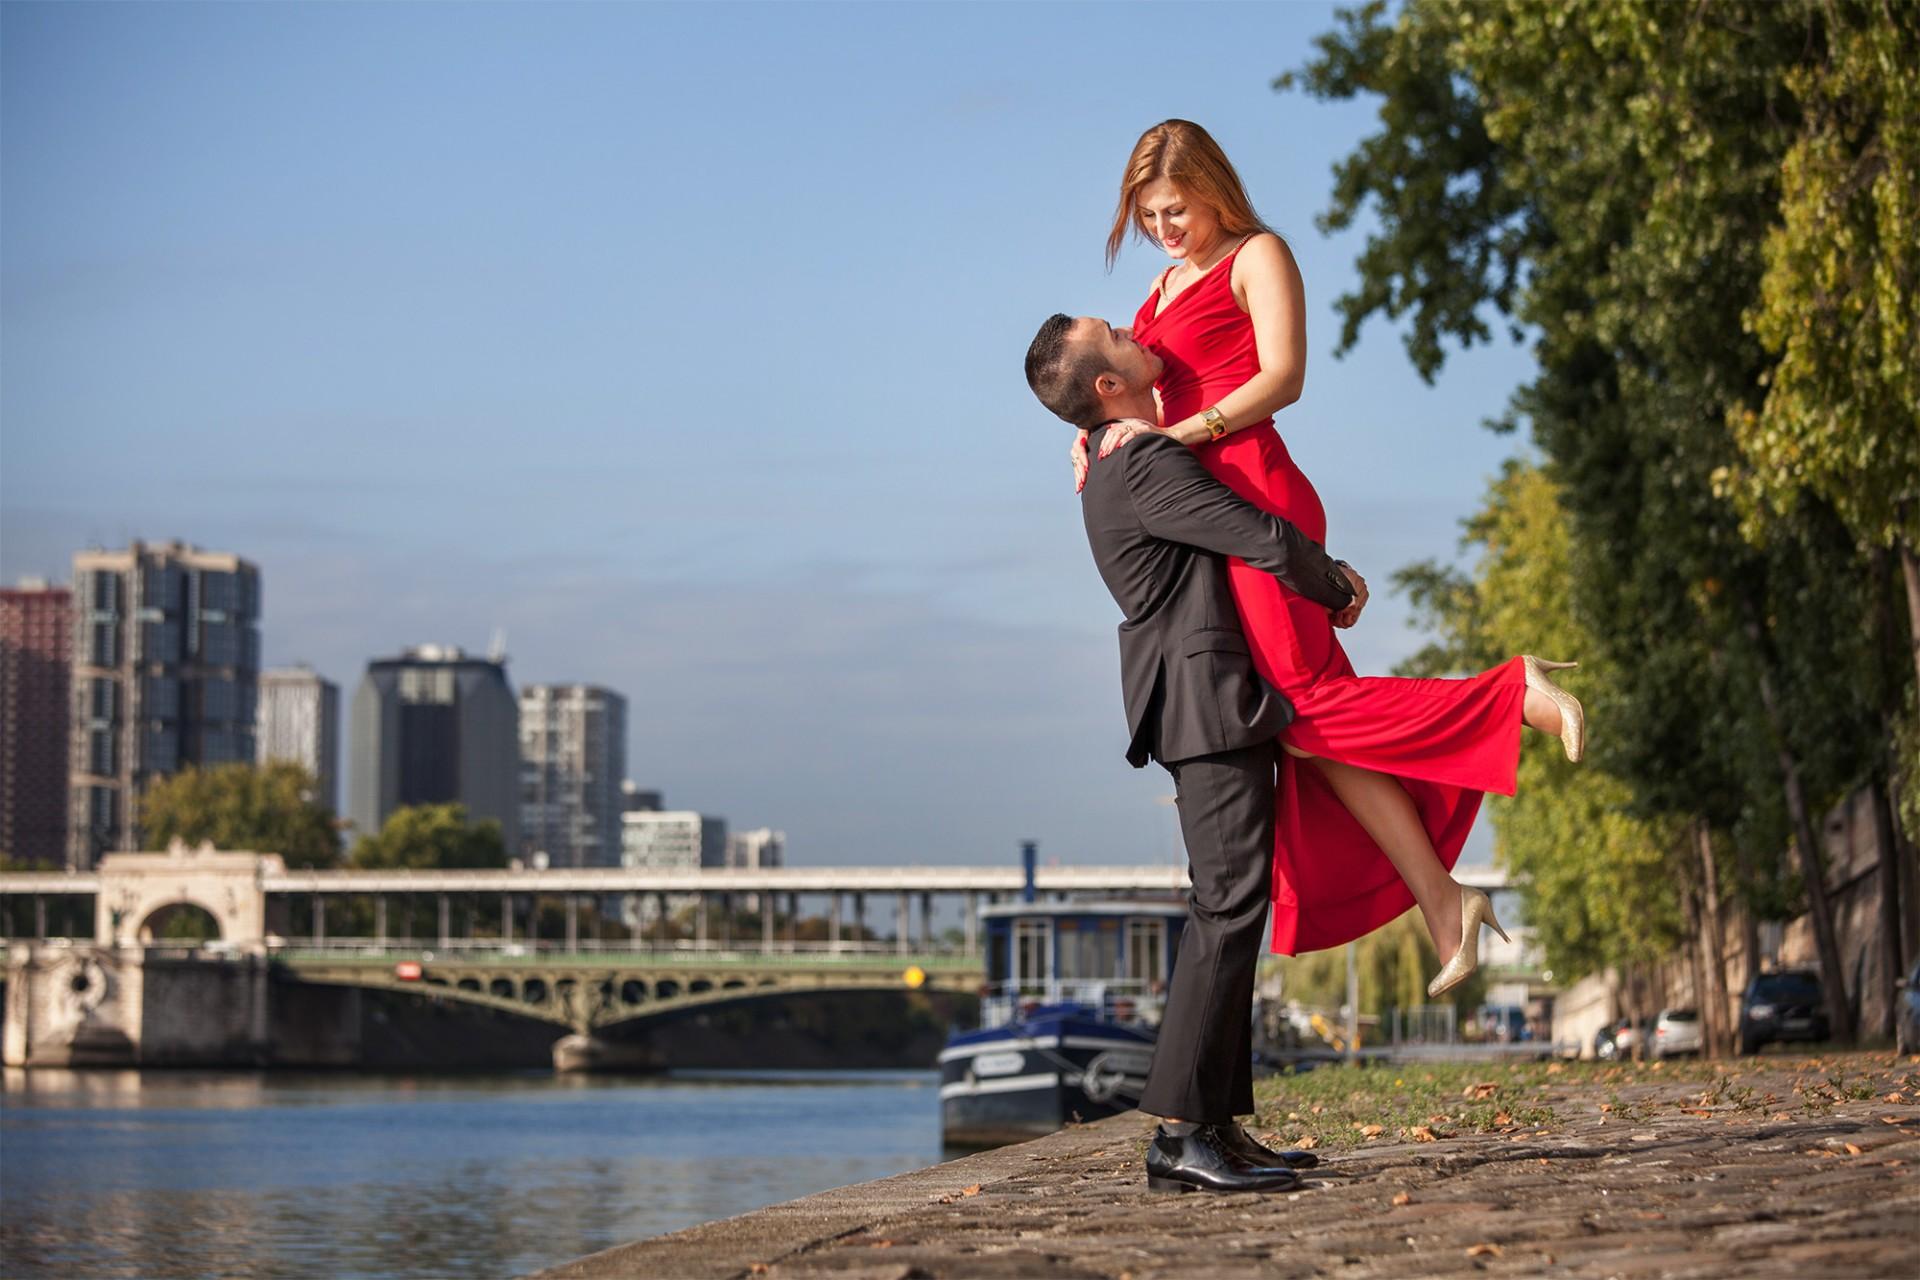 Dynamisches Modefotoshooting in Paris am Ufer der Seine